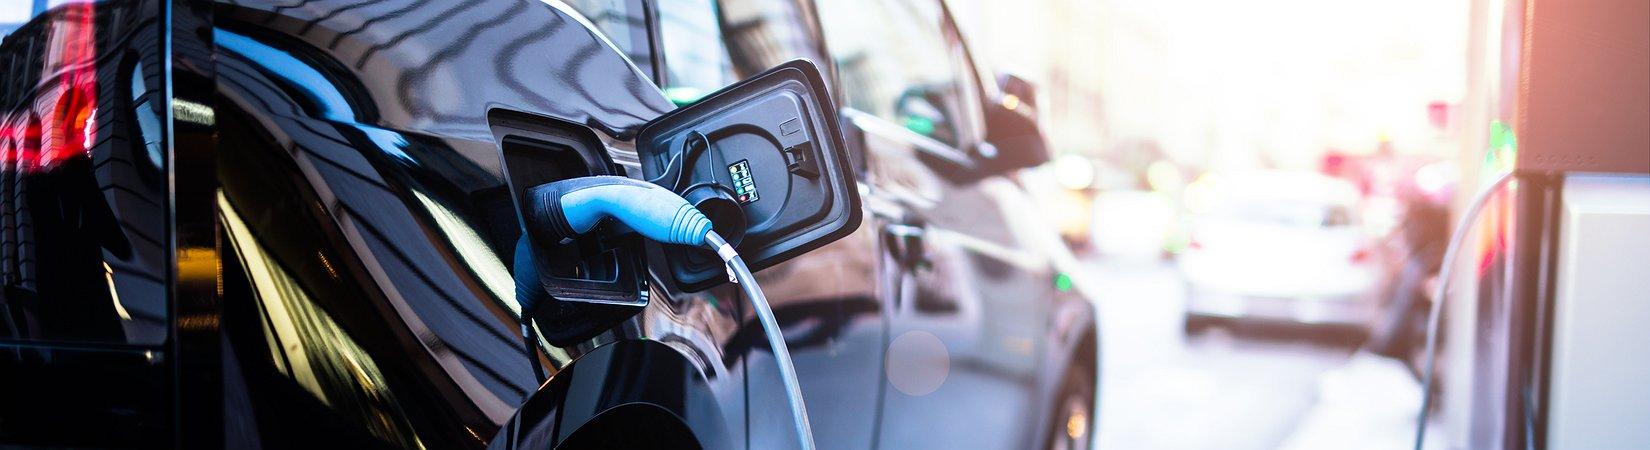 Toyota planeia lançar carro elétrico de longo alcance e carregamento rápido